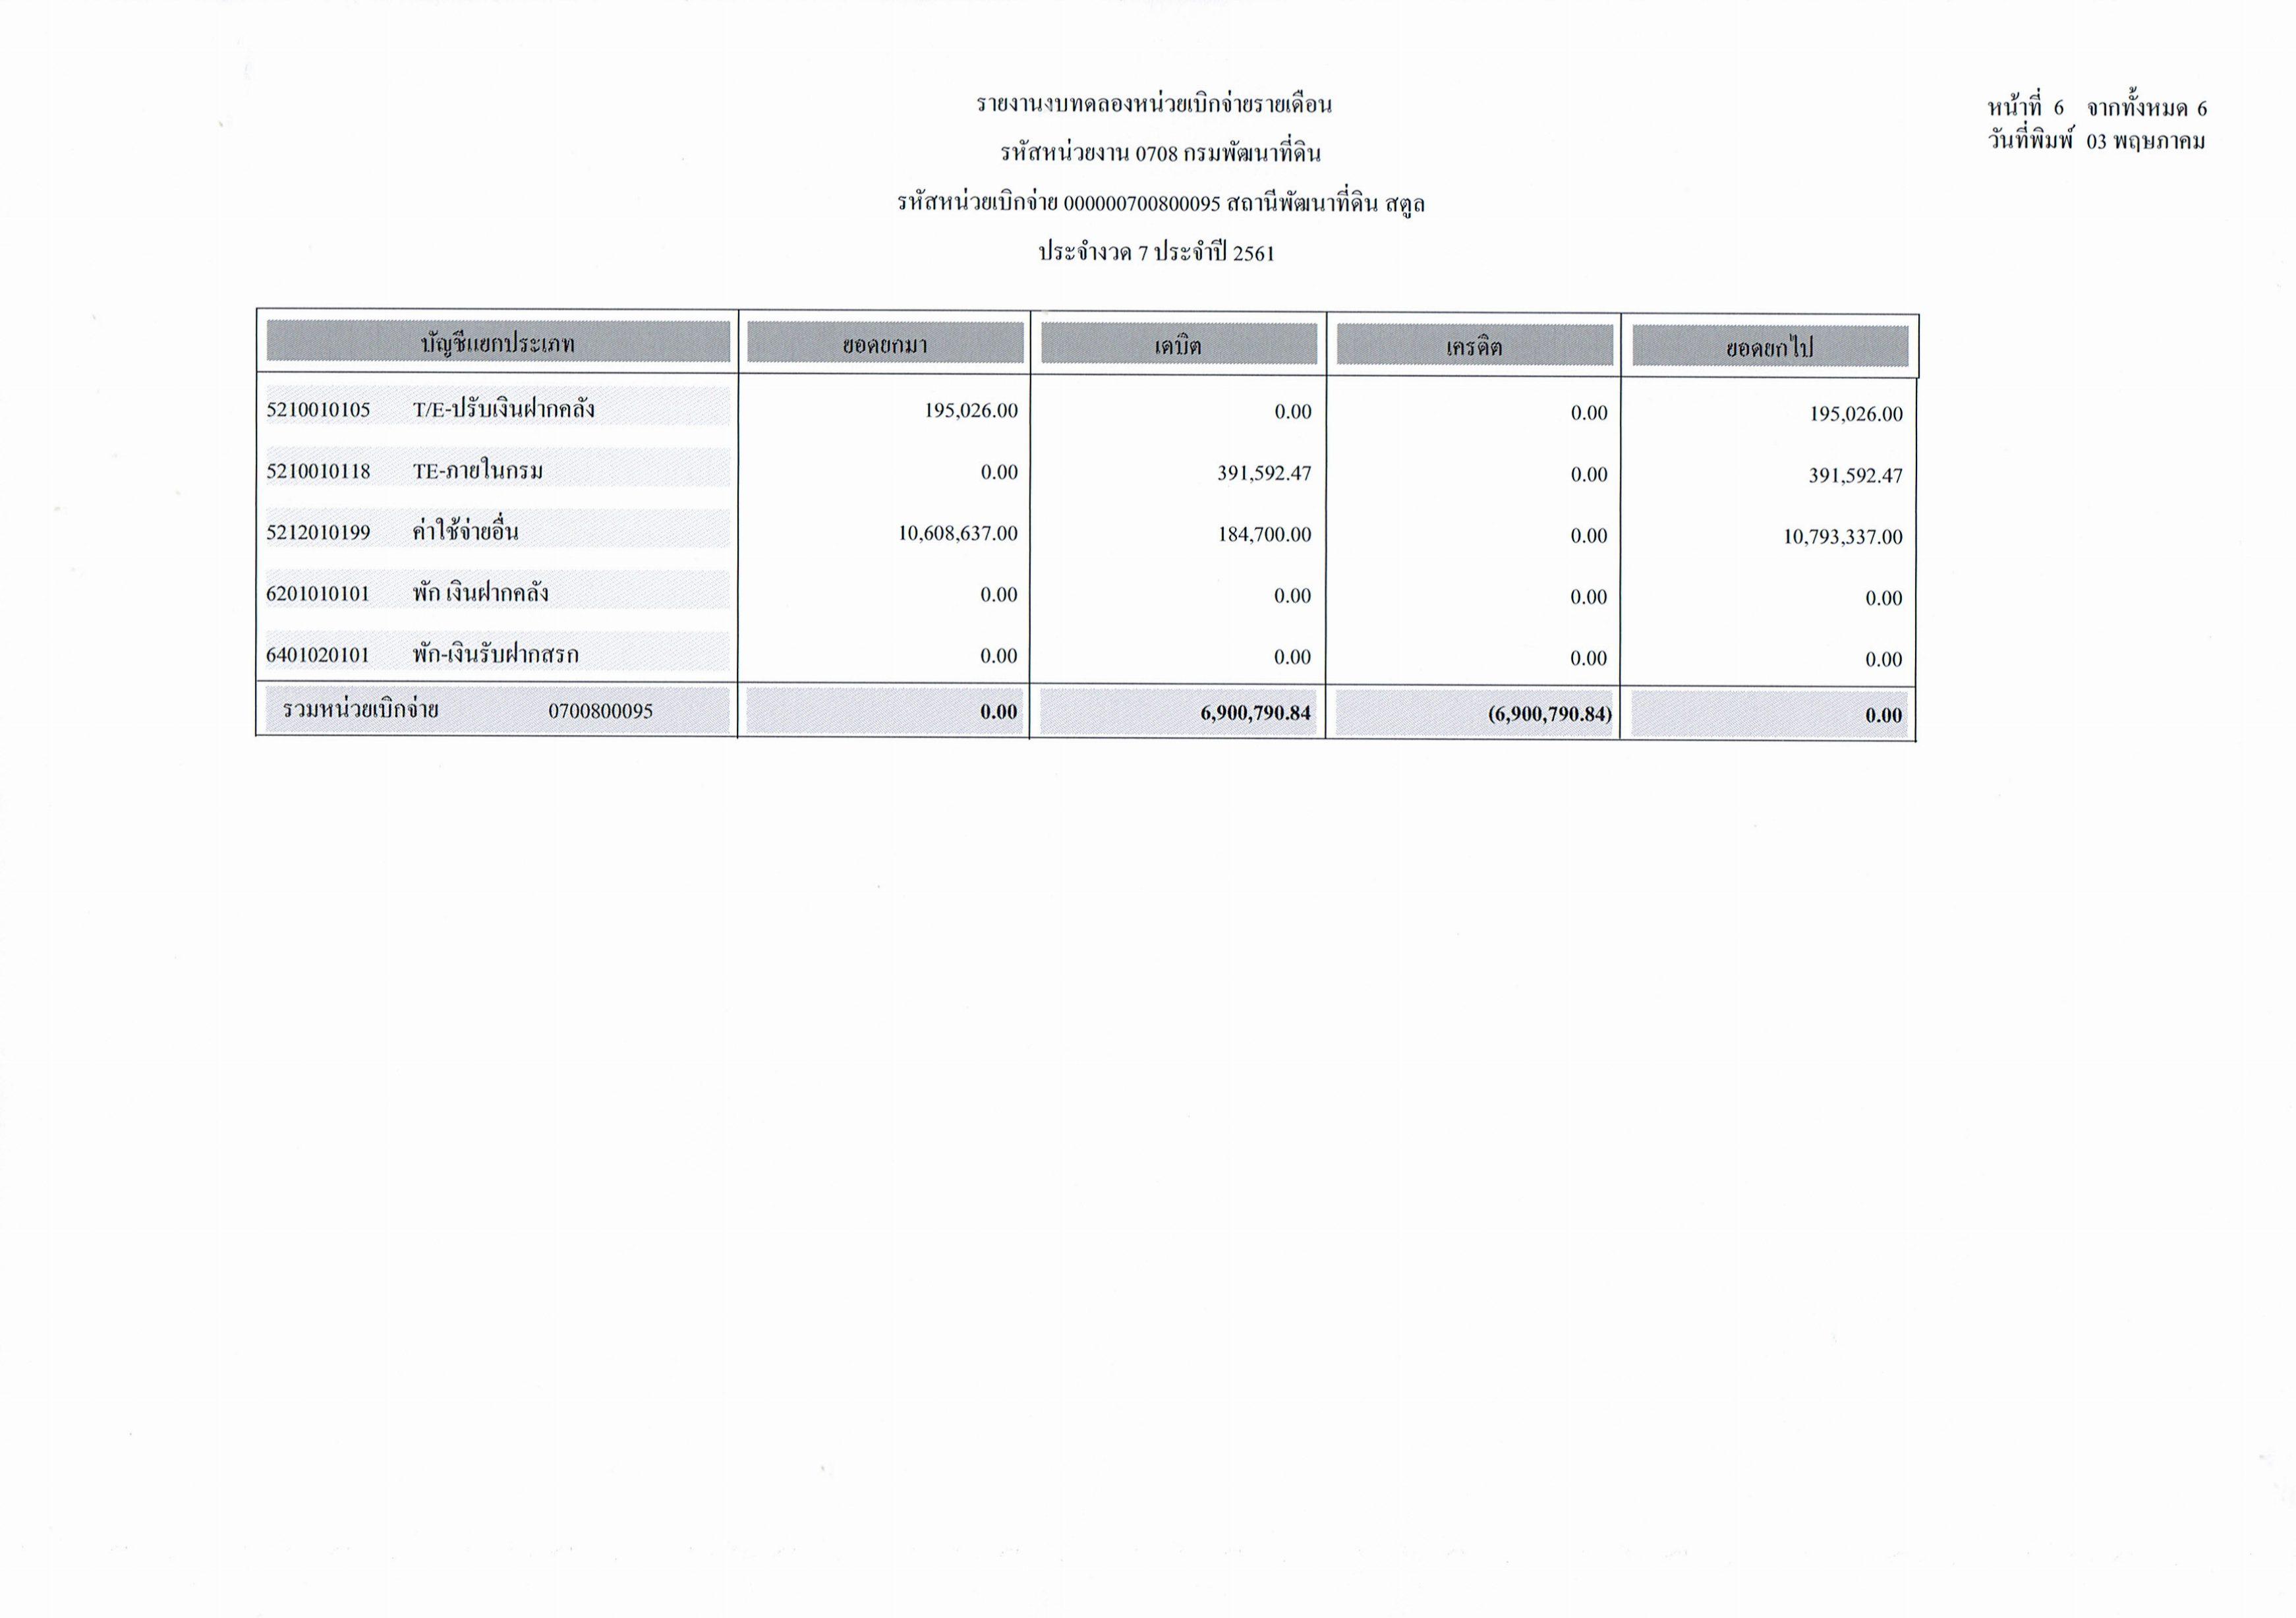 รายงานงบทดลองหน่วยเบิกจ่ายรายเดือนเมษายน ประจำงวด 7 ประจำปี 256_6